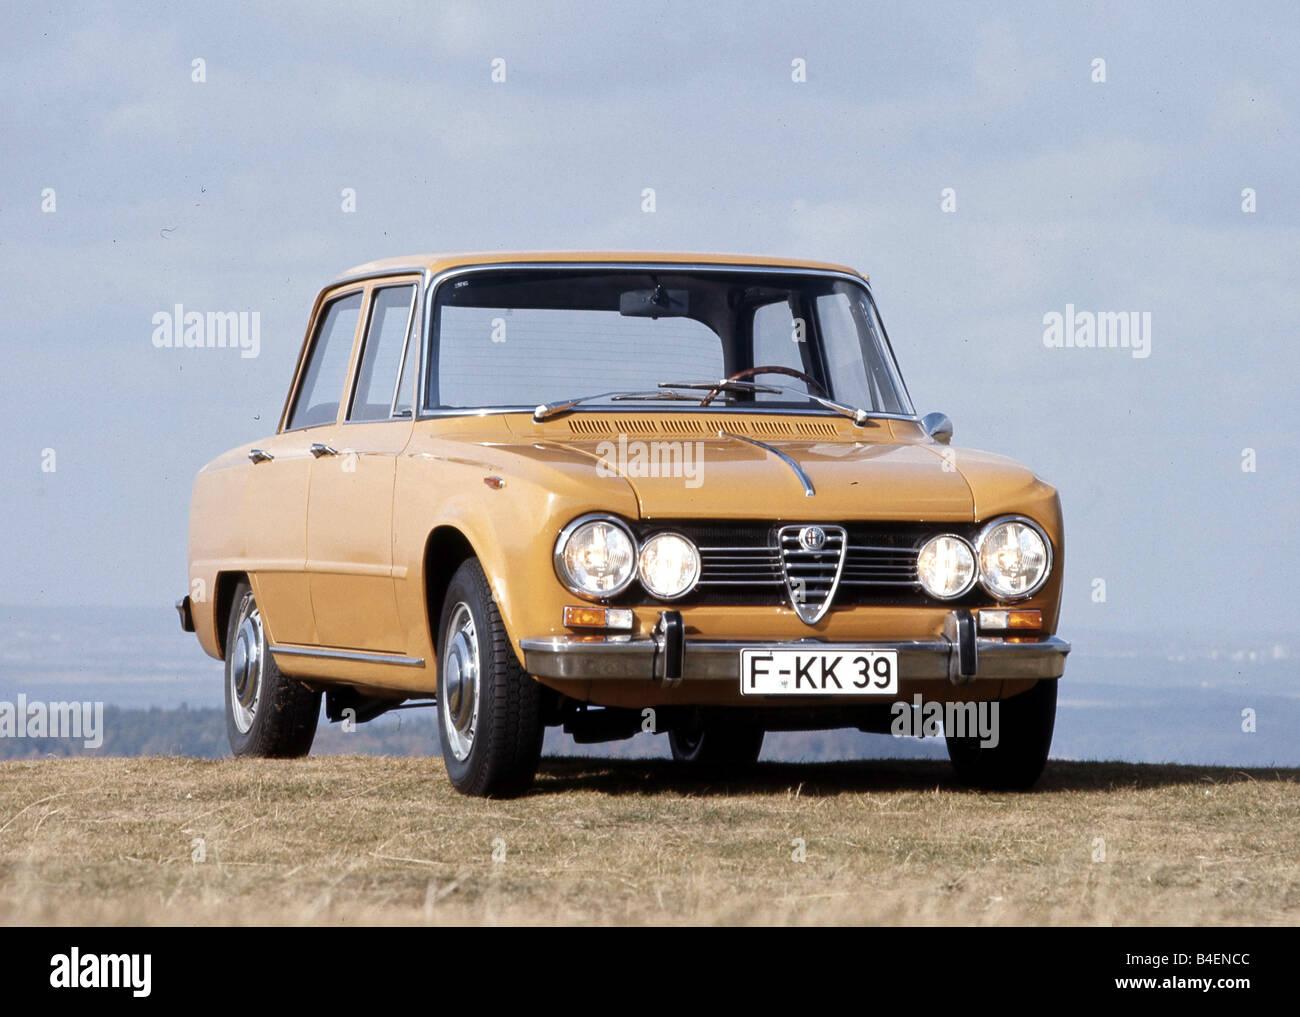 Car, Alfa Romeo Giulia 1750, sedan, yellow, ocker, model year approx. 1967-1972, vintage car, 1960s, sixties, 1970s, - Stock Image